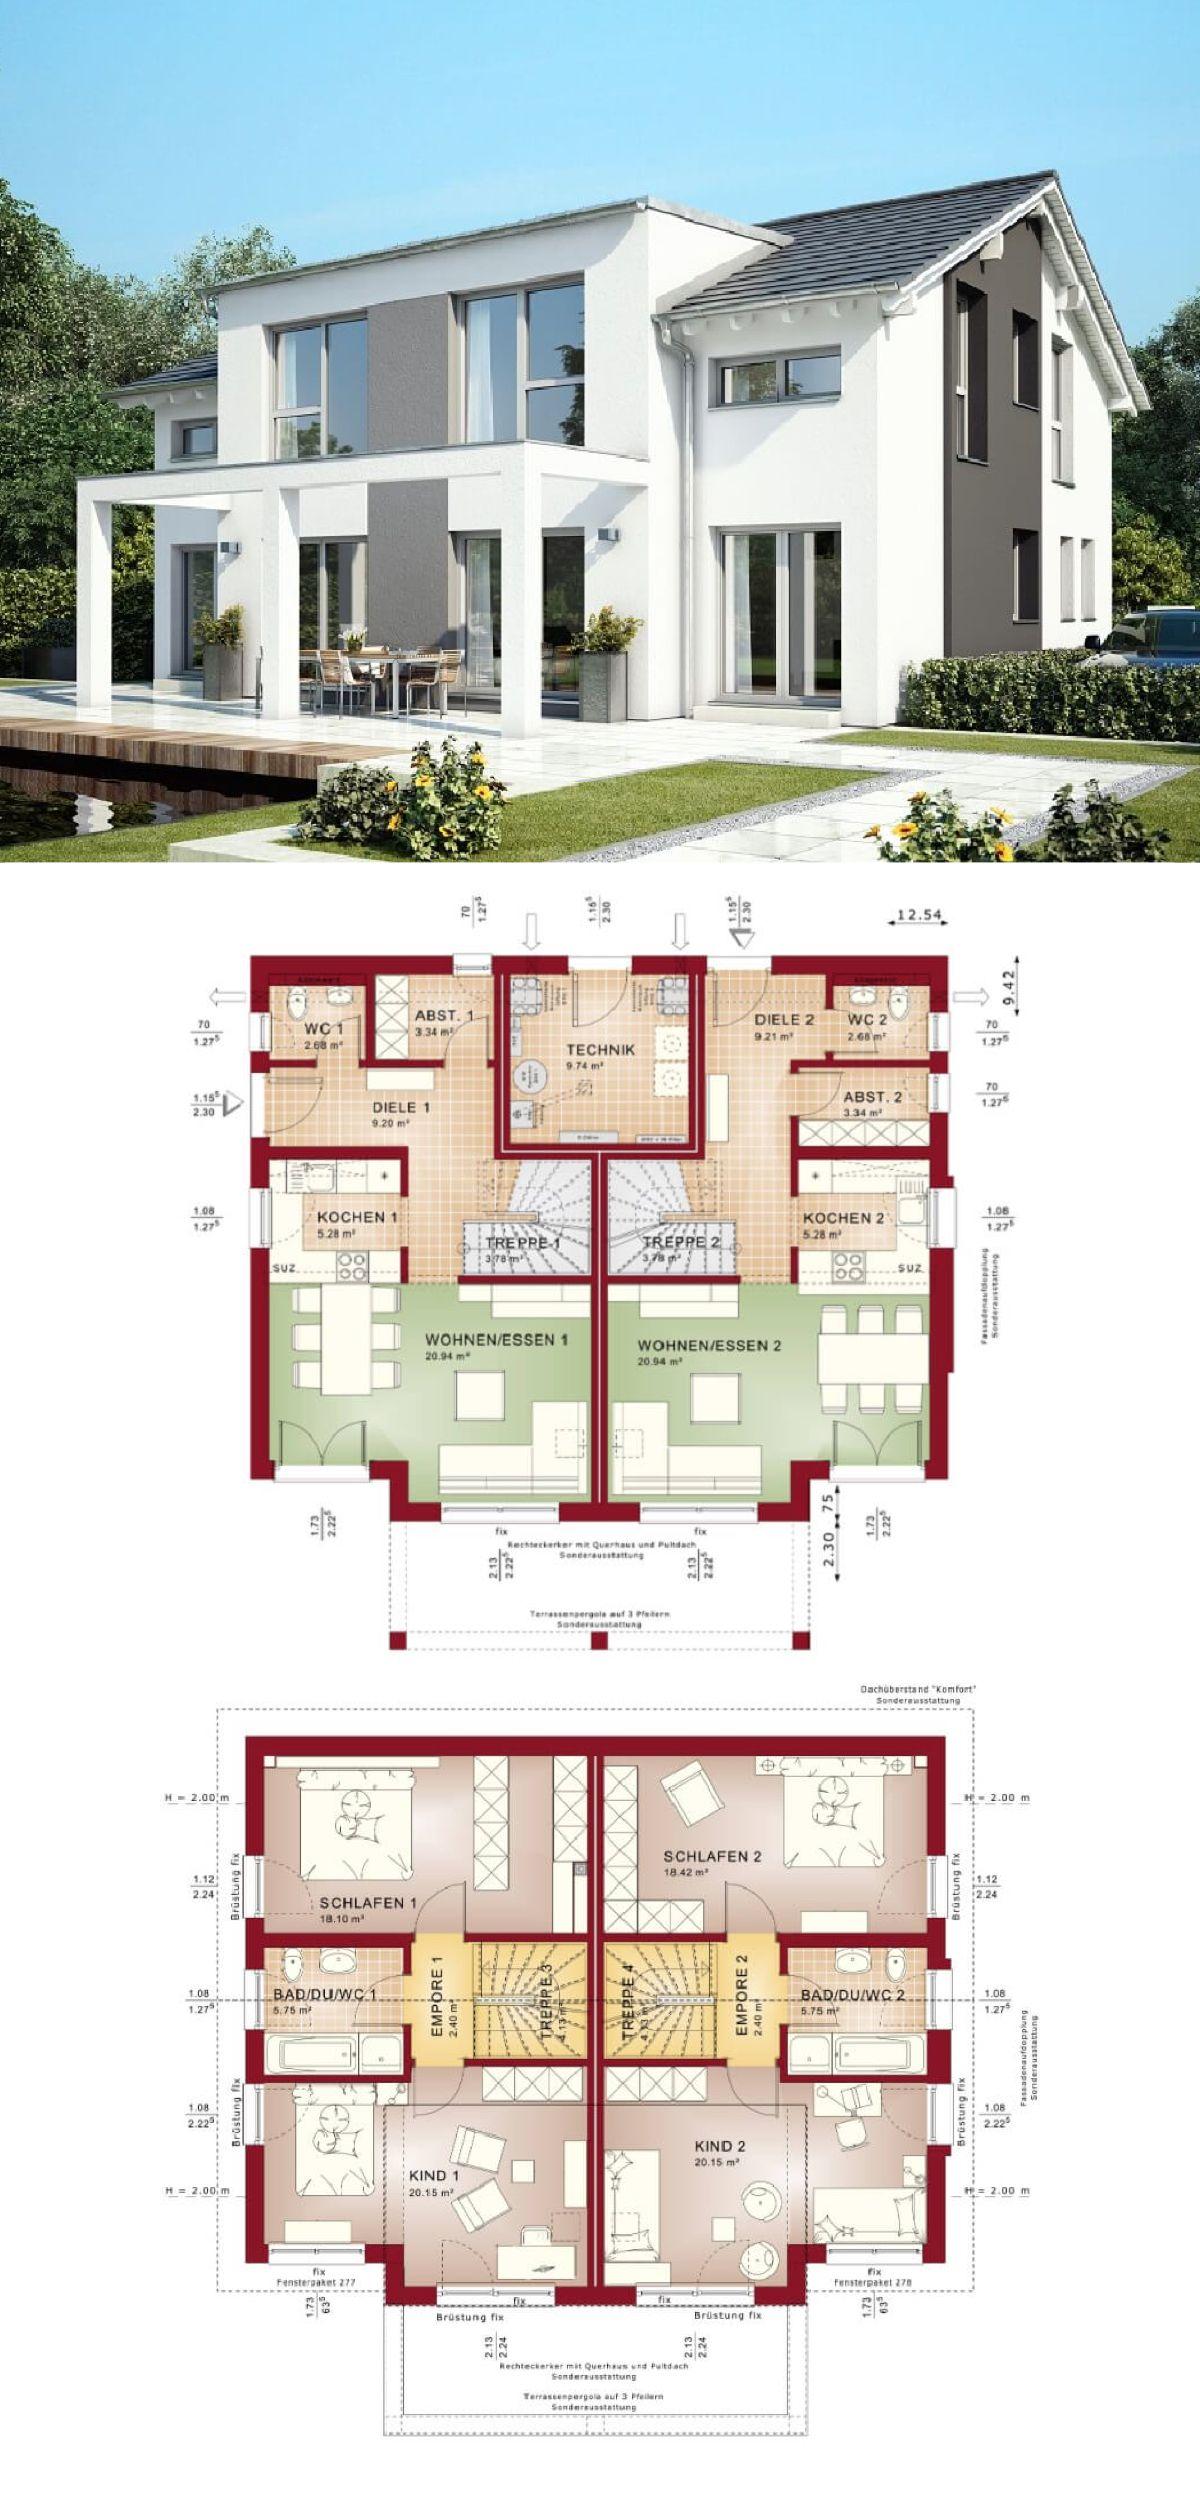 zweifamilienhaus moderne architektur mit satteldach und pergola grundriss haus celebration 192 v5 bien zenker fertighaus - Fertighausplne